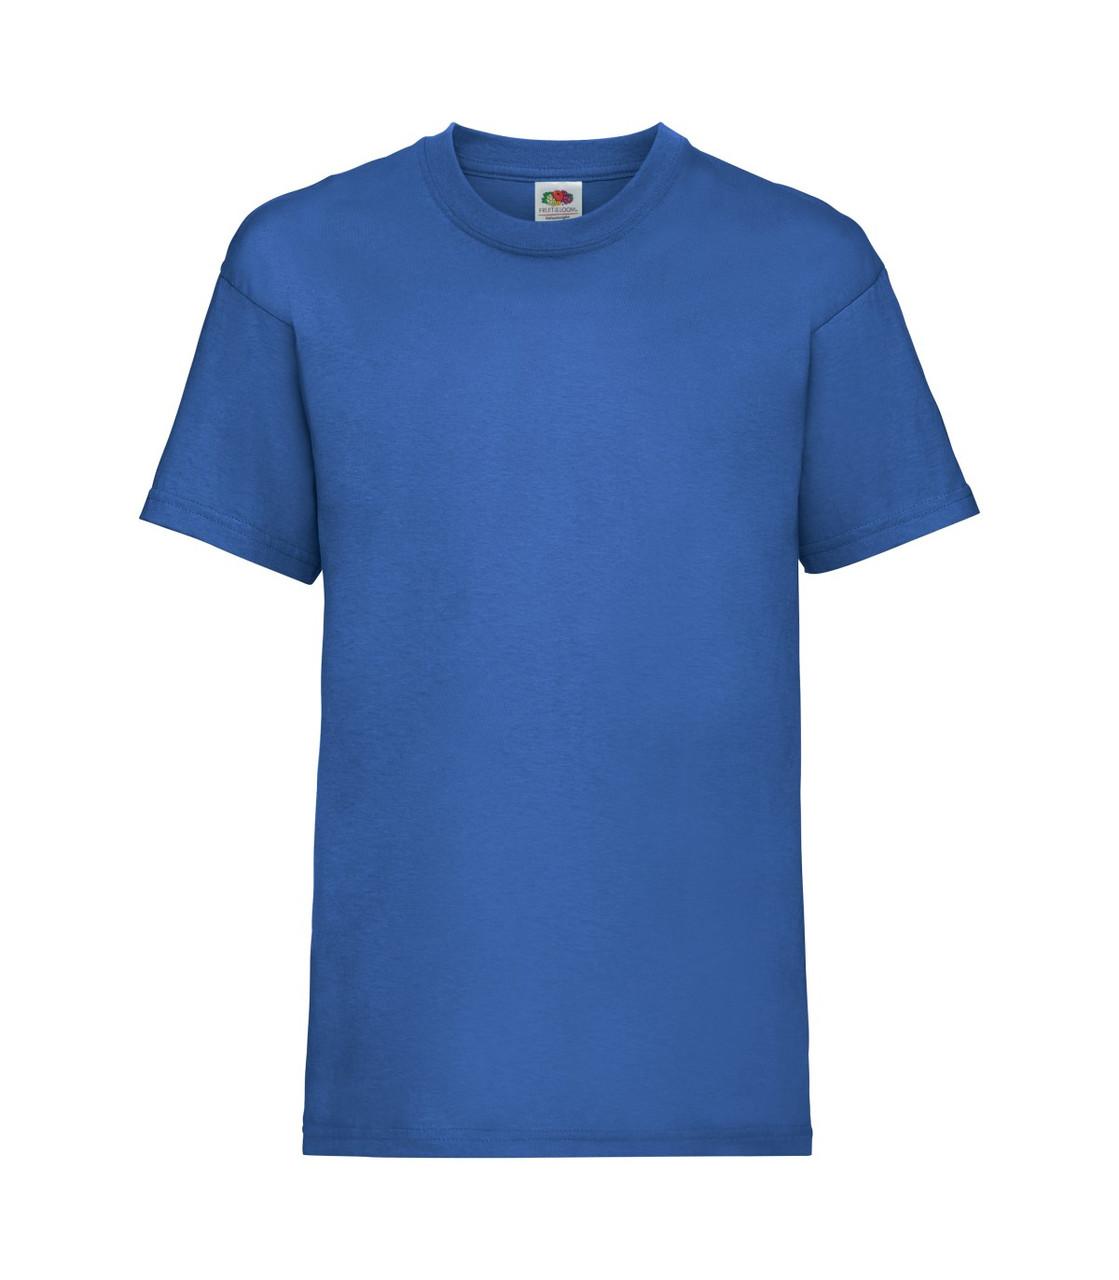 Футболка для мальчиков однотонная синяя 033-51